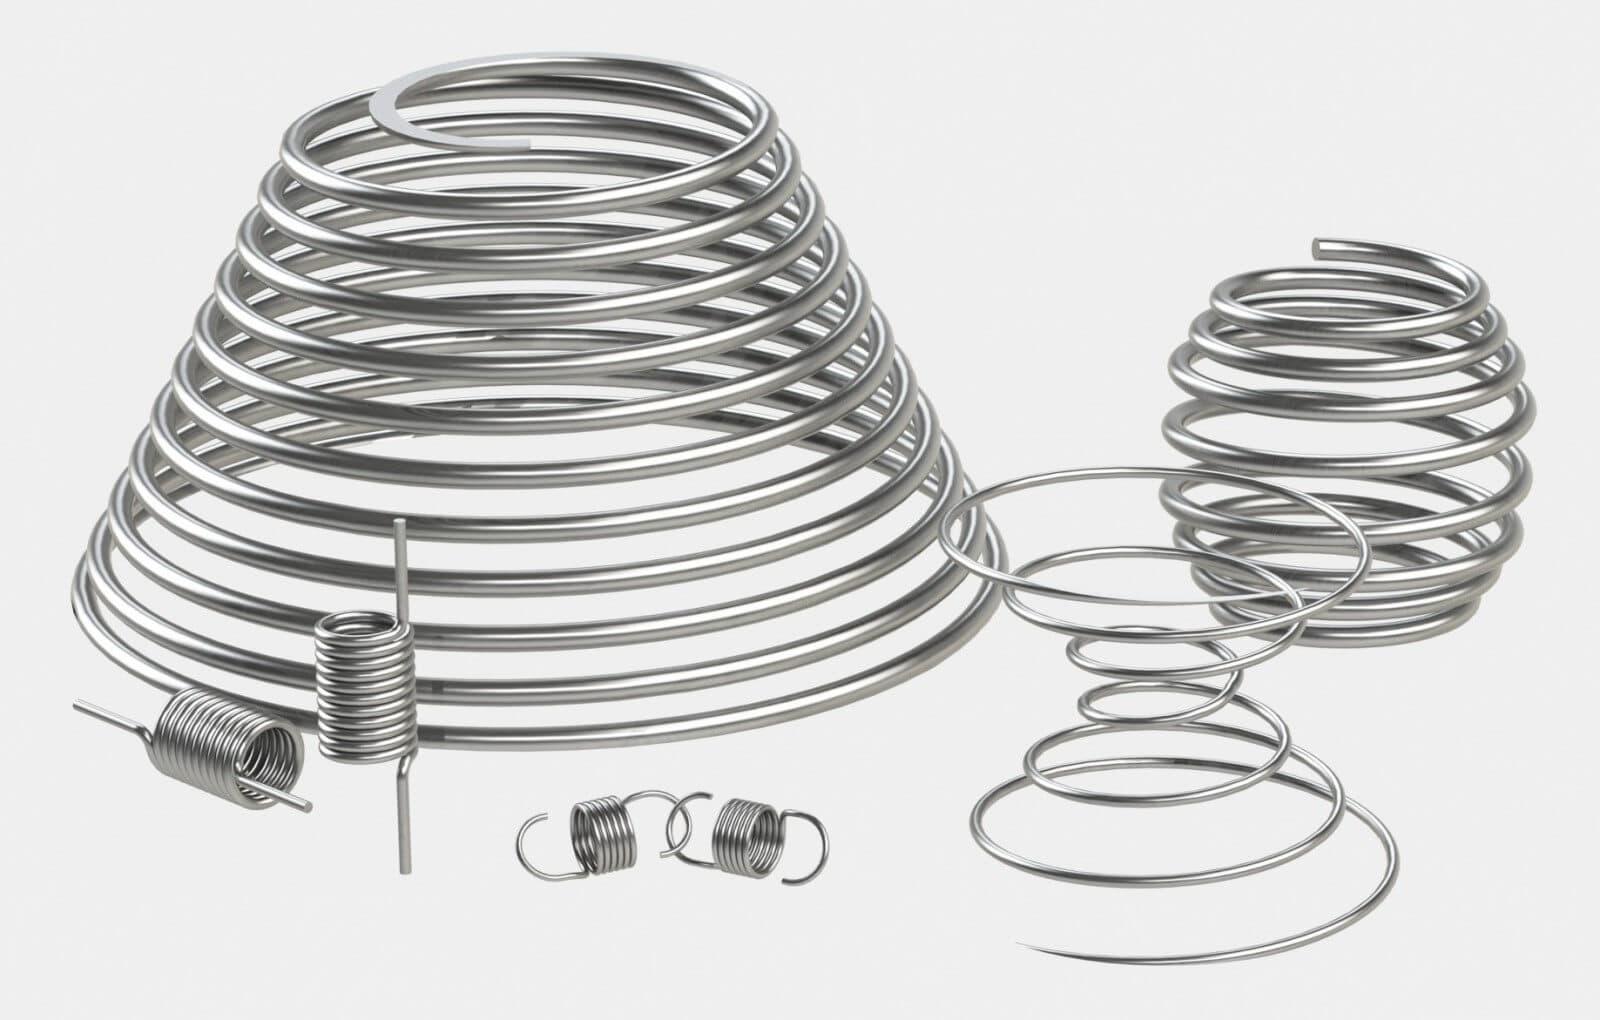 Технология создания пружин и требования к готовым изделиям – изображение